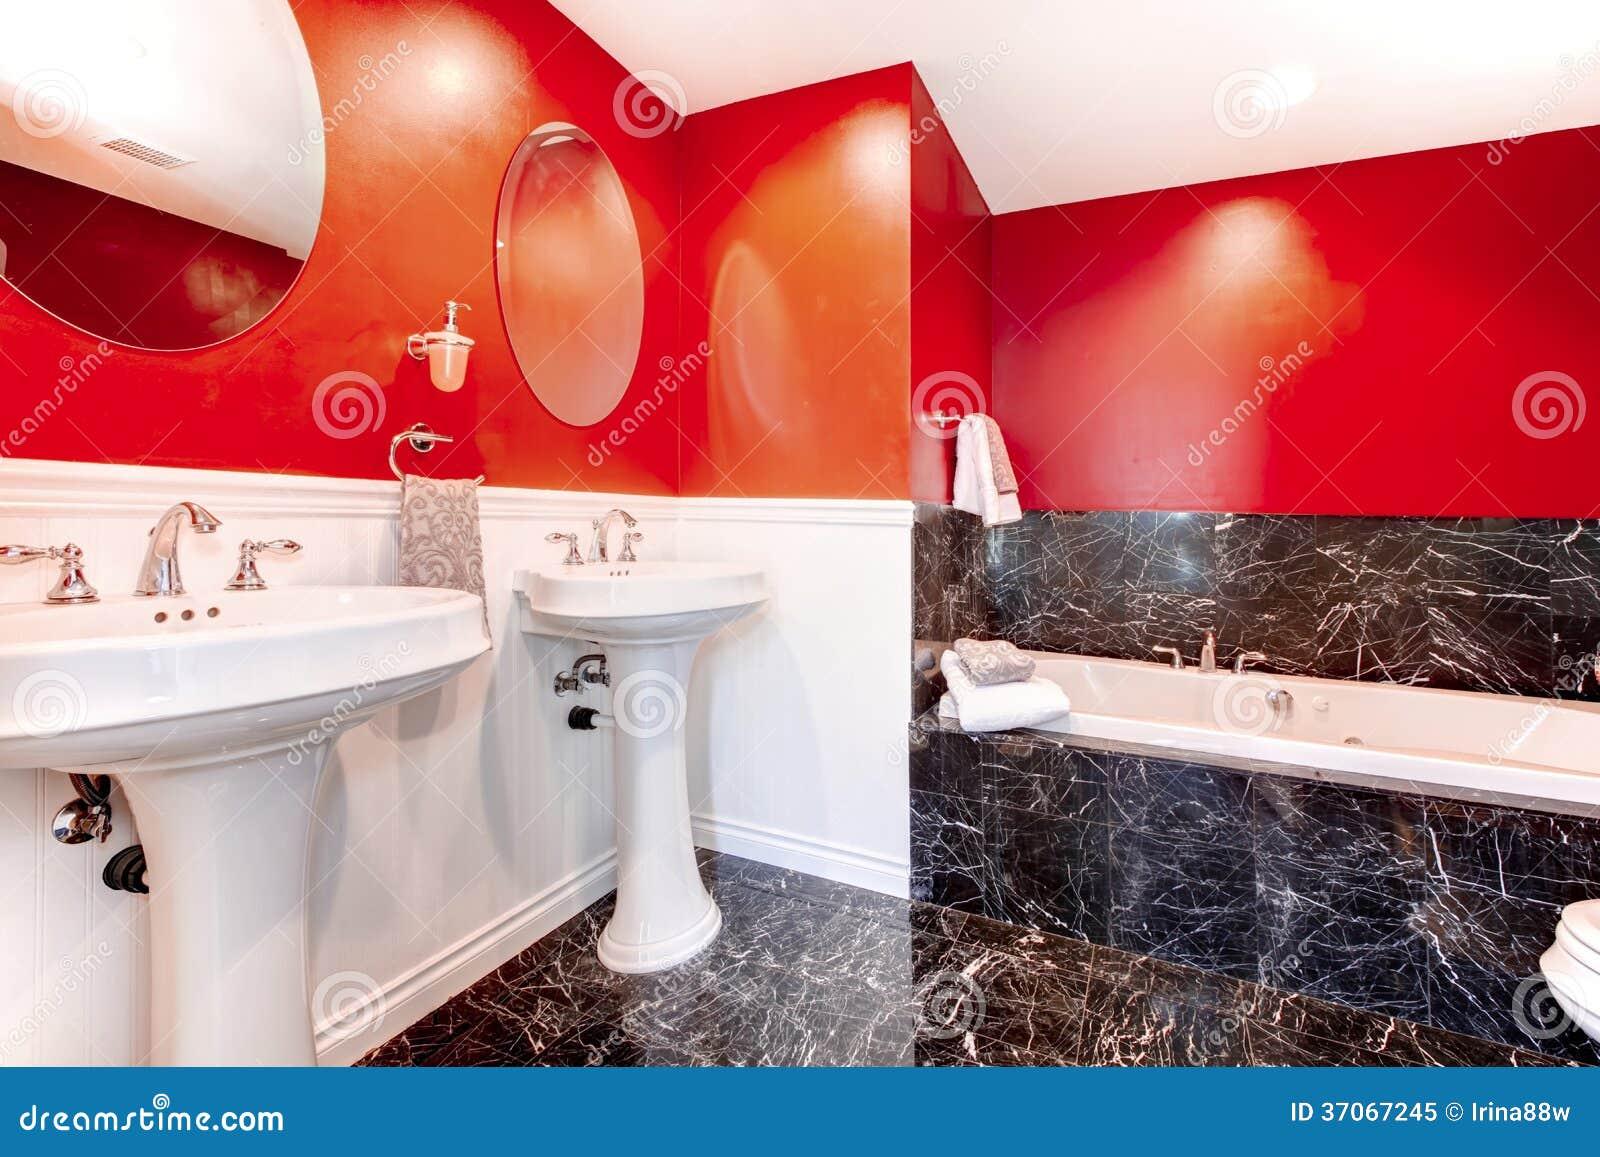 Salle De Bains Noire Et Rouge Impressionnante Image stock - Image du ...